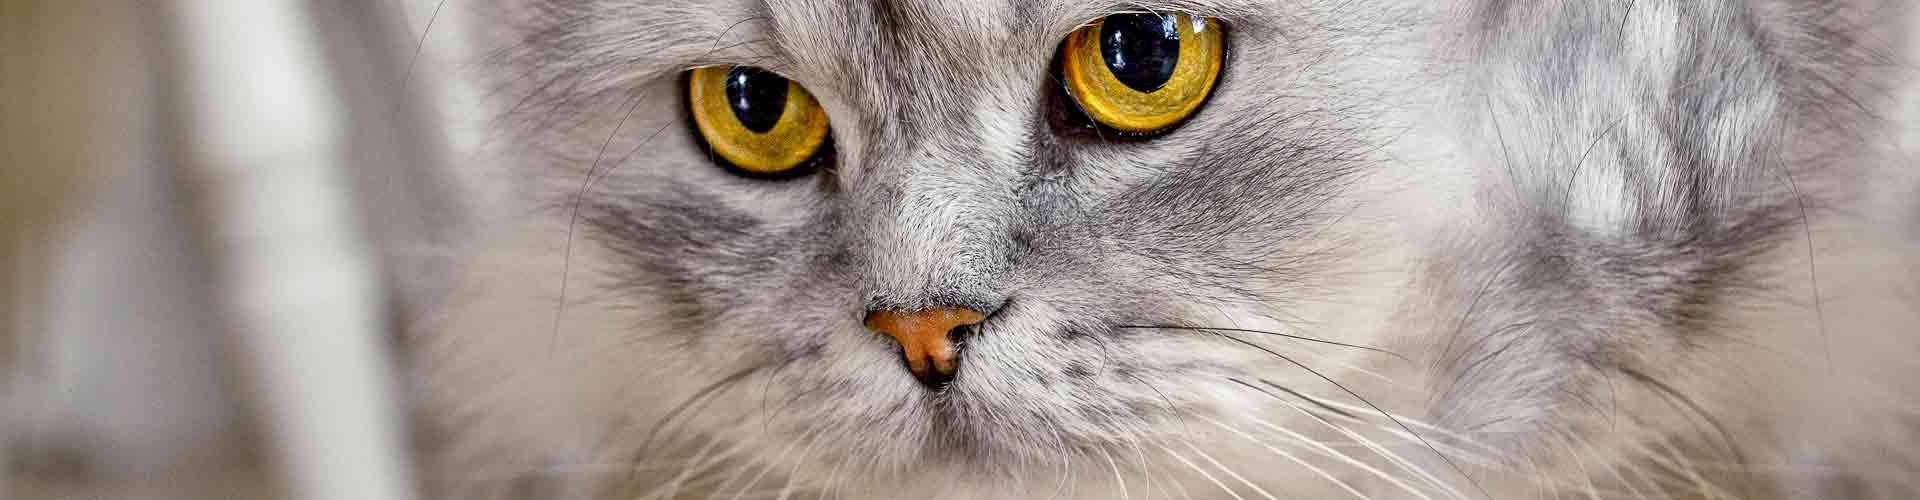 01-Katze